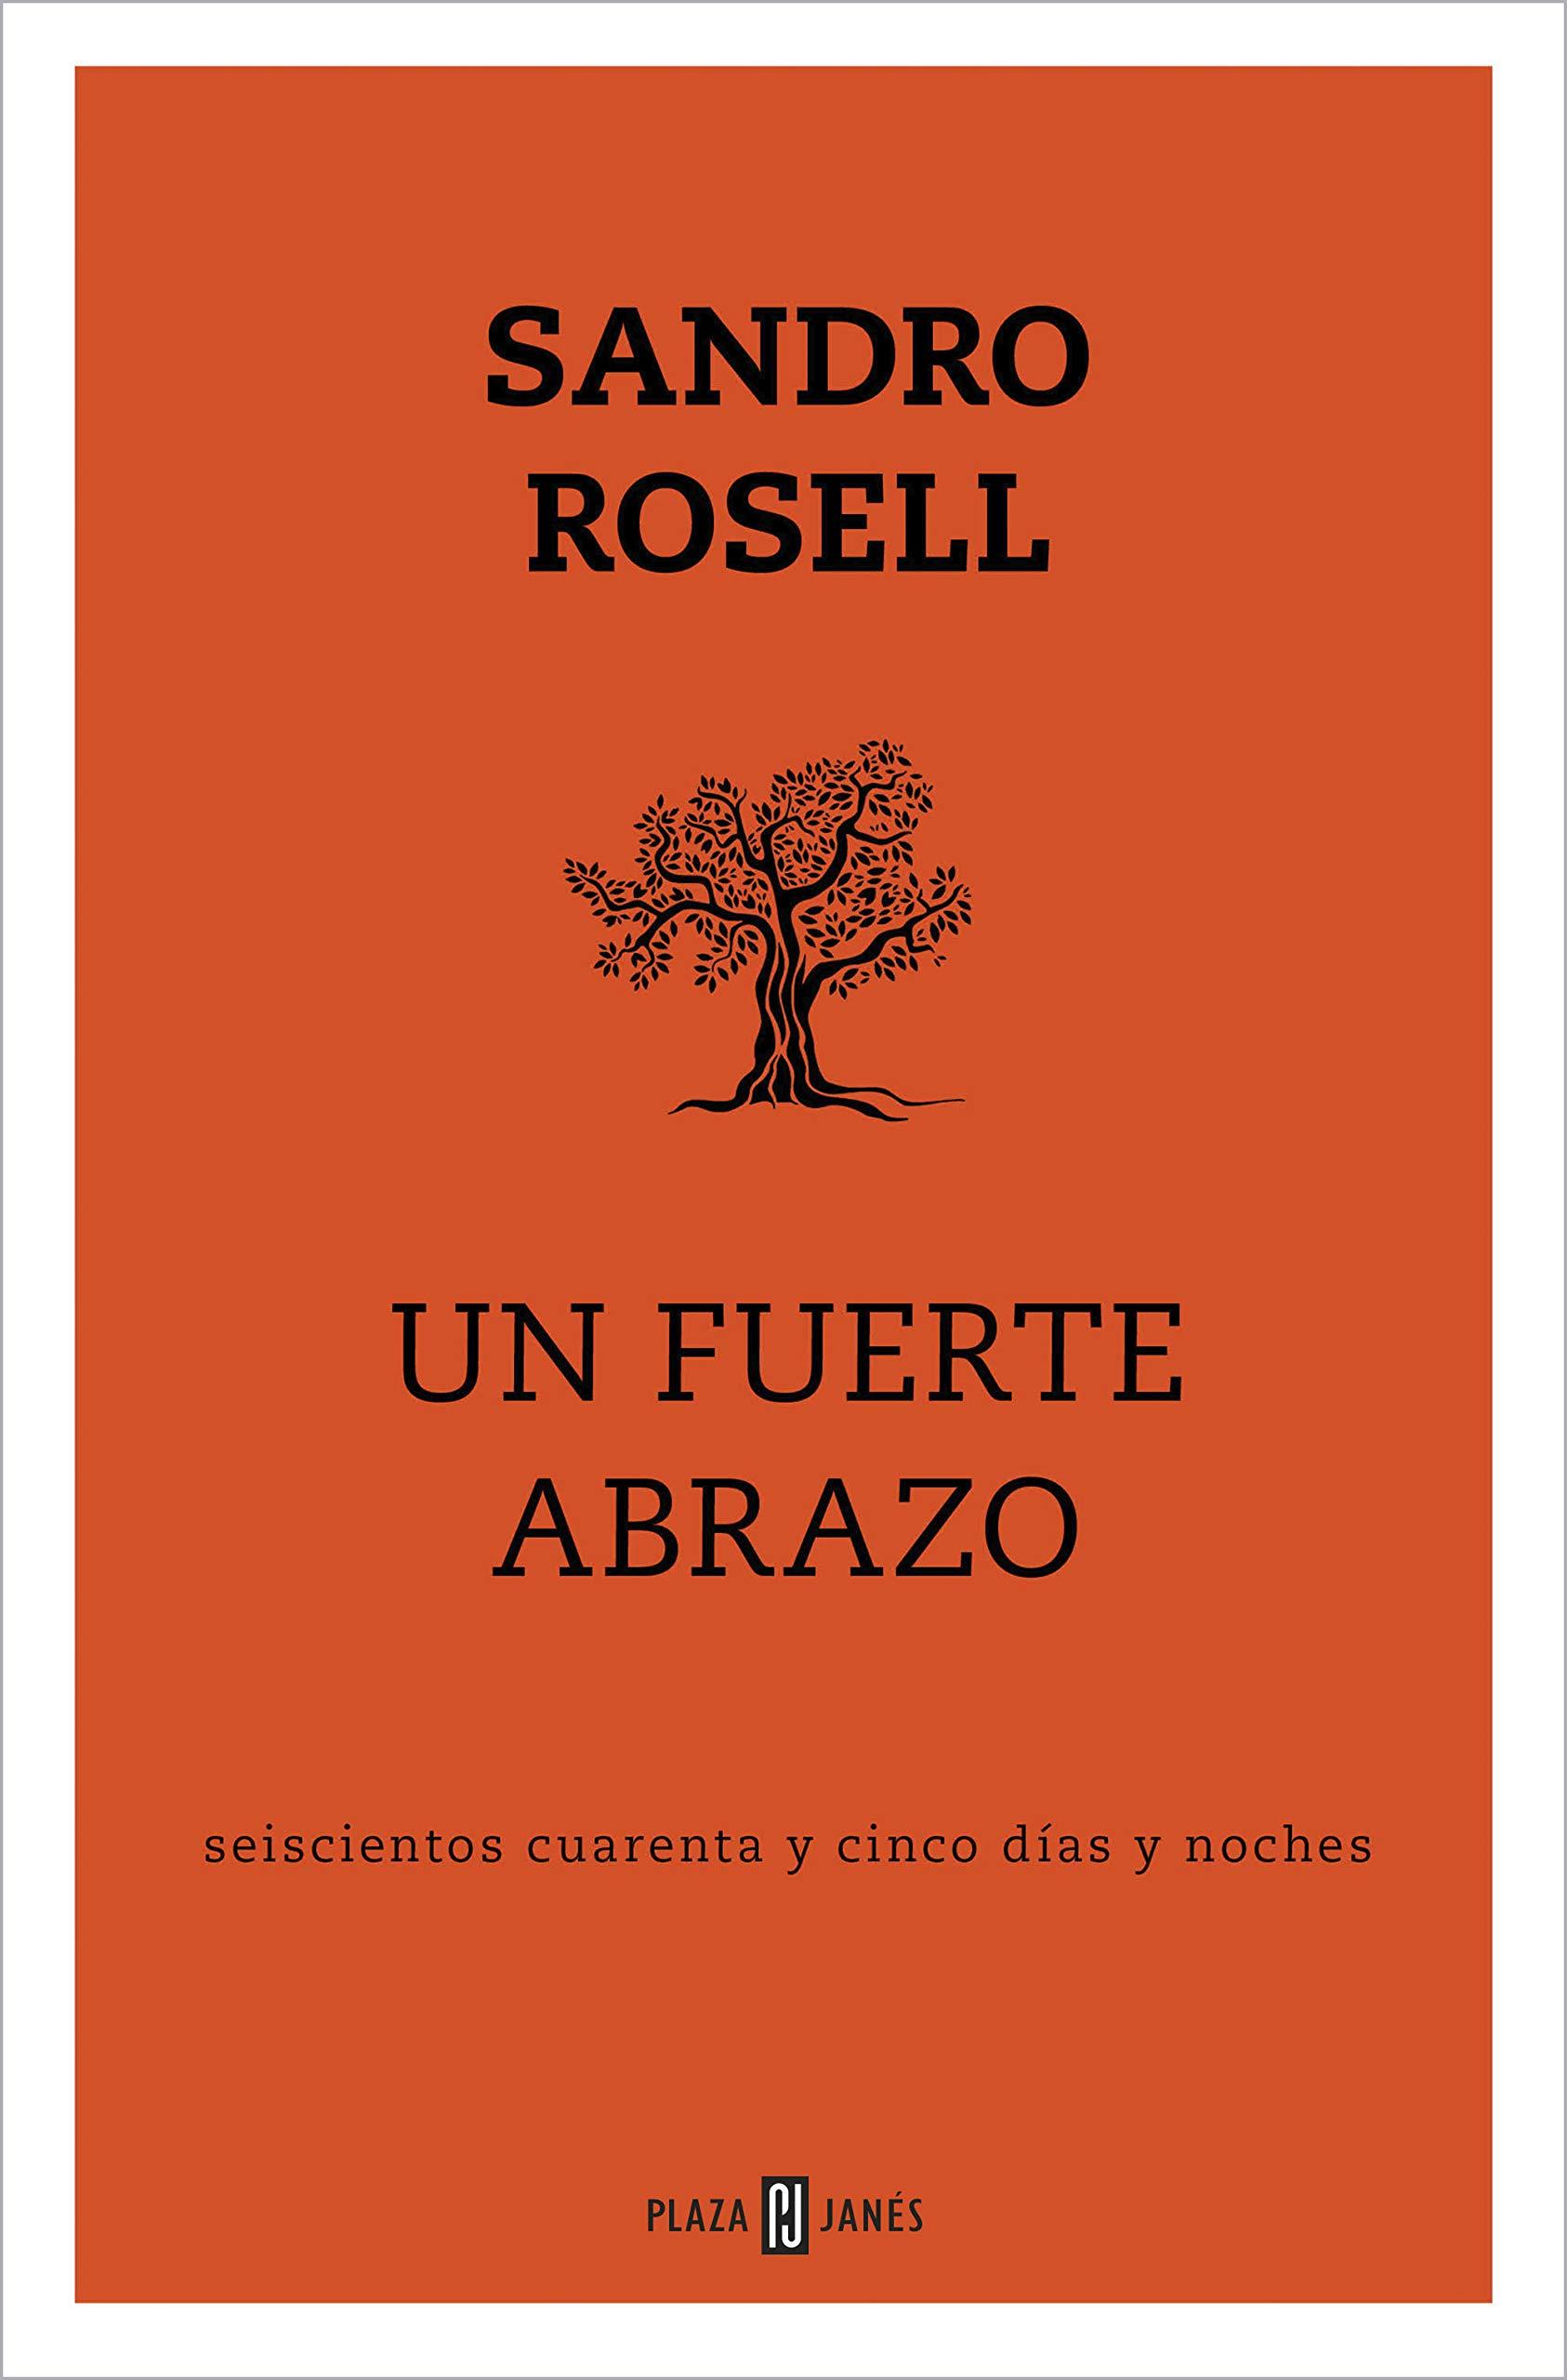 Un fuerte abrazo: Seiscientos cuarenta y cinco días y noches por Sandro Rosell